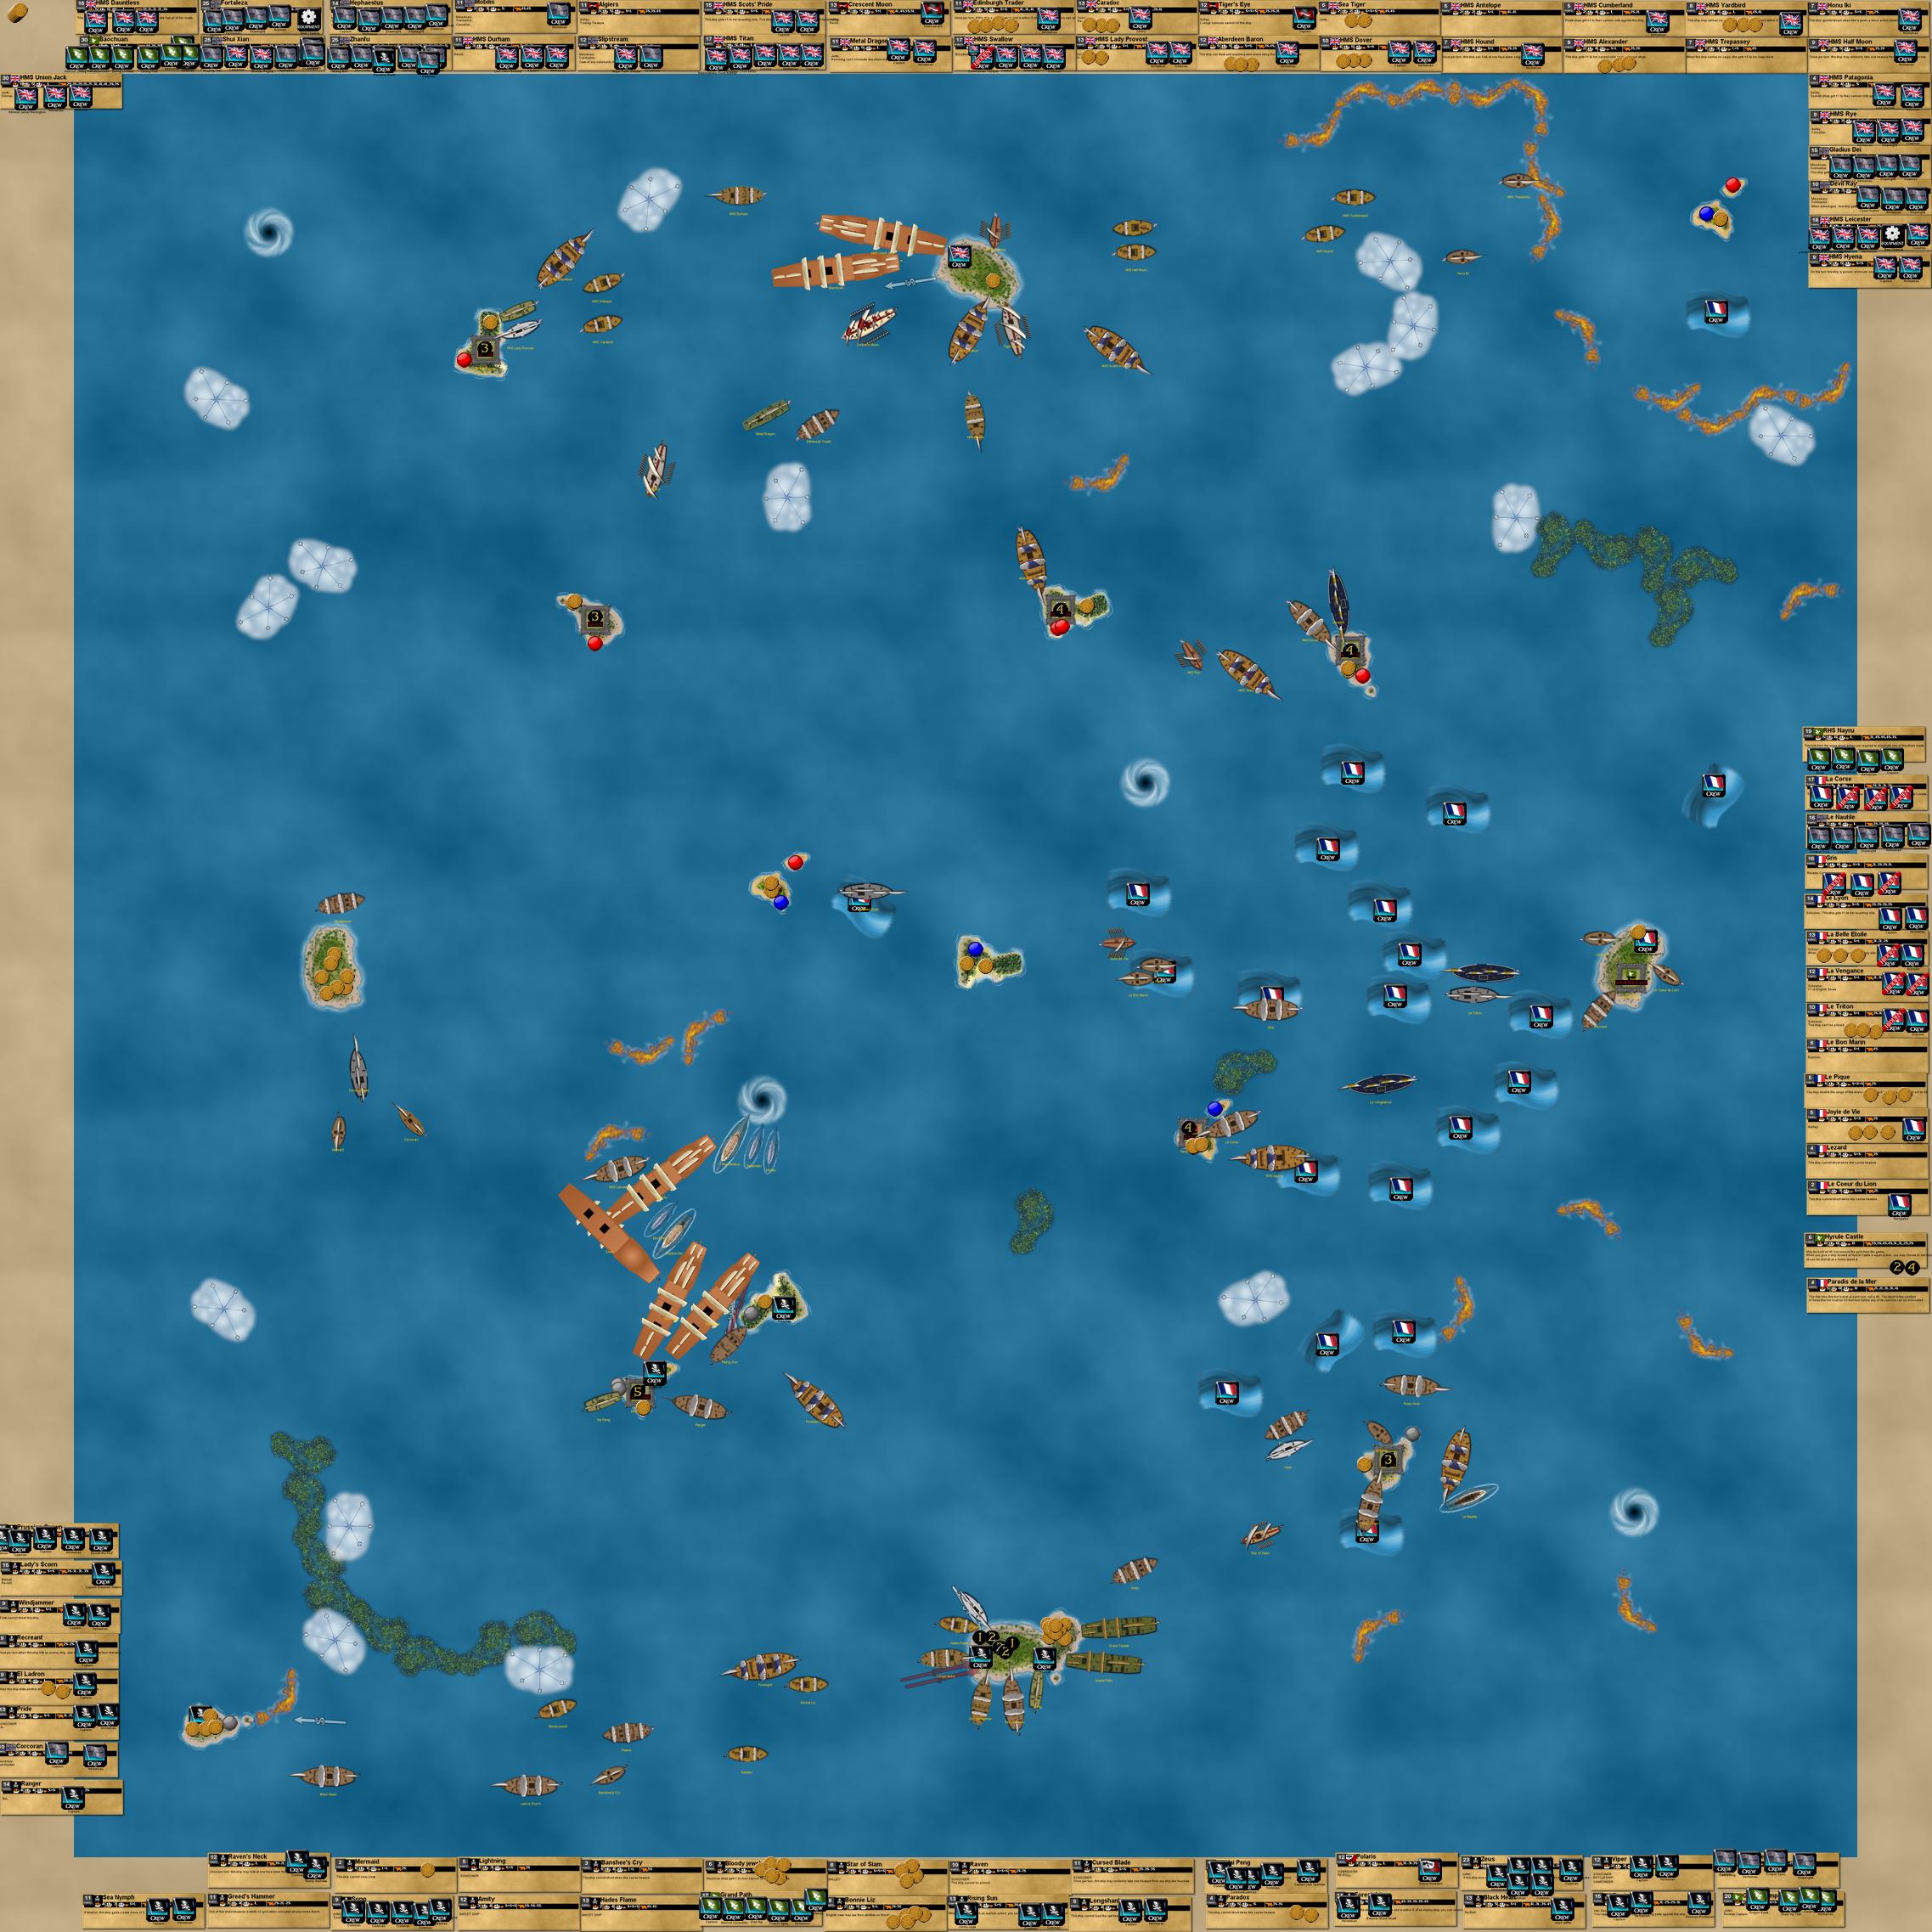 VASSAL Campaign Game 2 (Pirates CSG game)